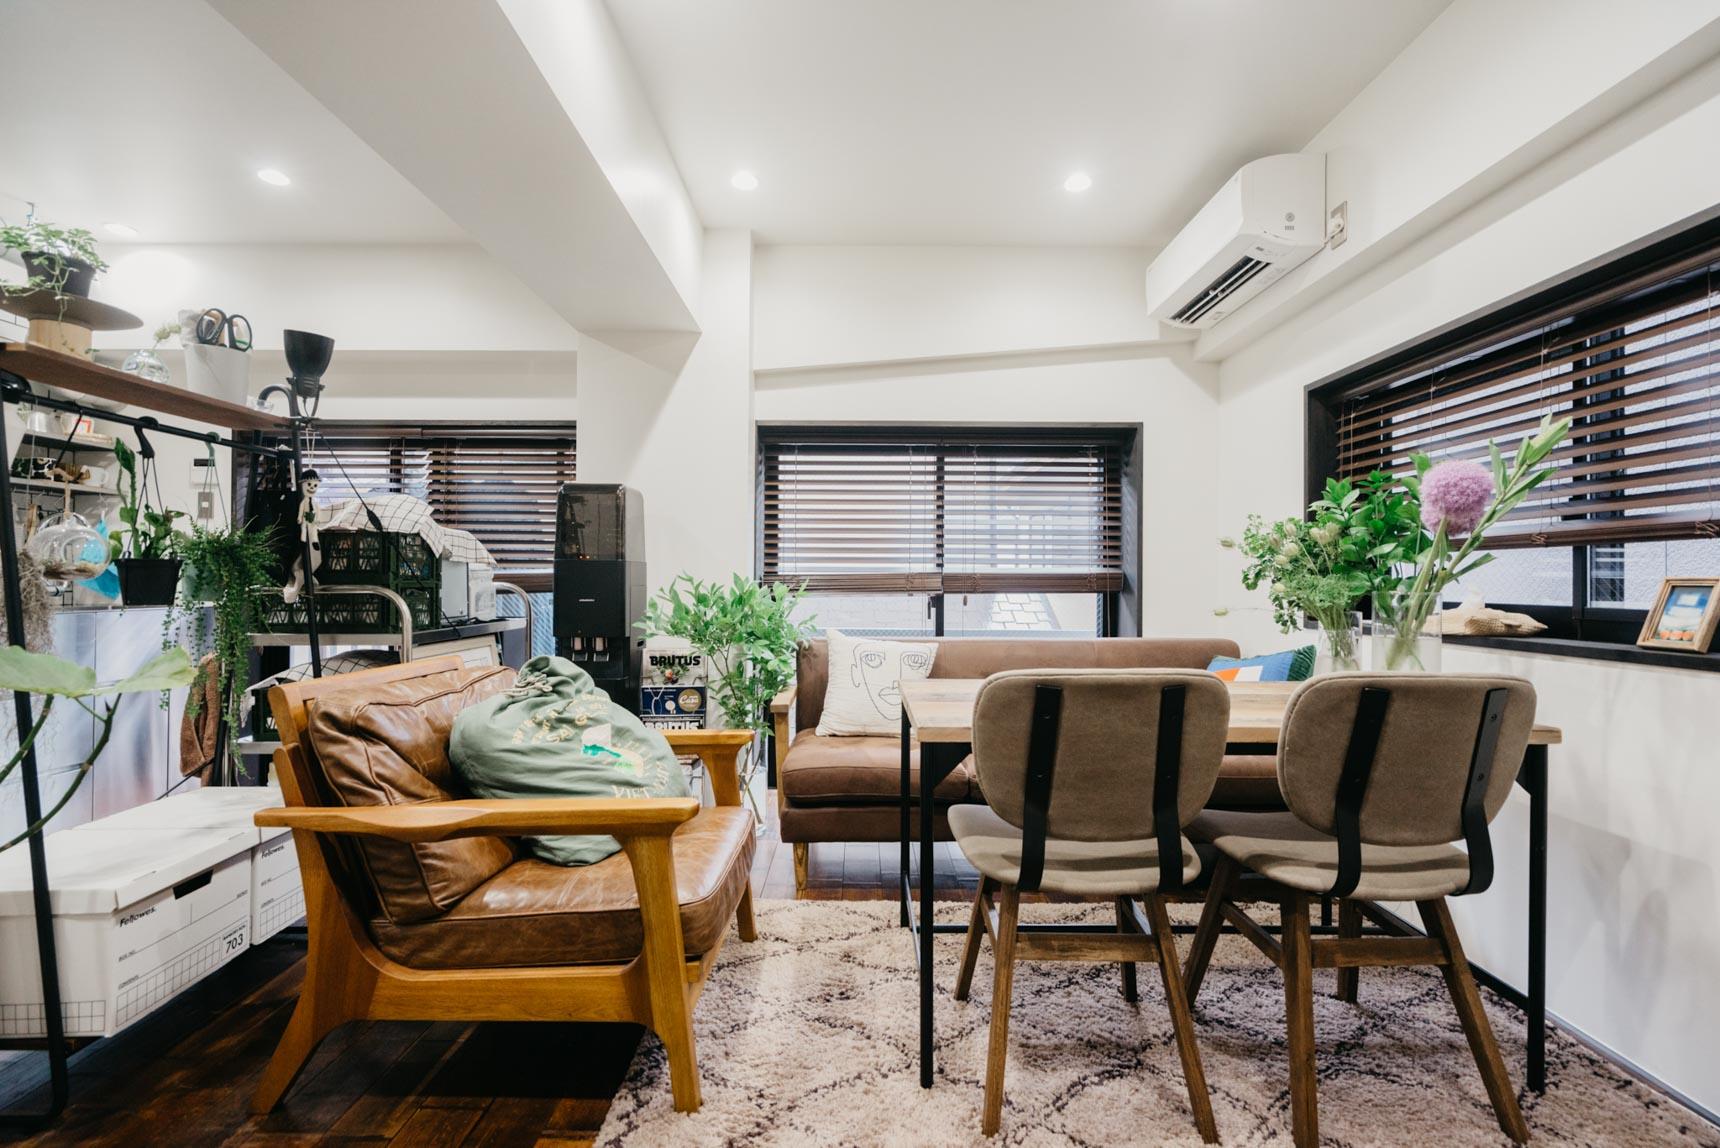 座面が高めのソファなら、ダイニングテーブルと組み合わせて使うことも可能(このお部屋はこちら)